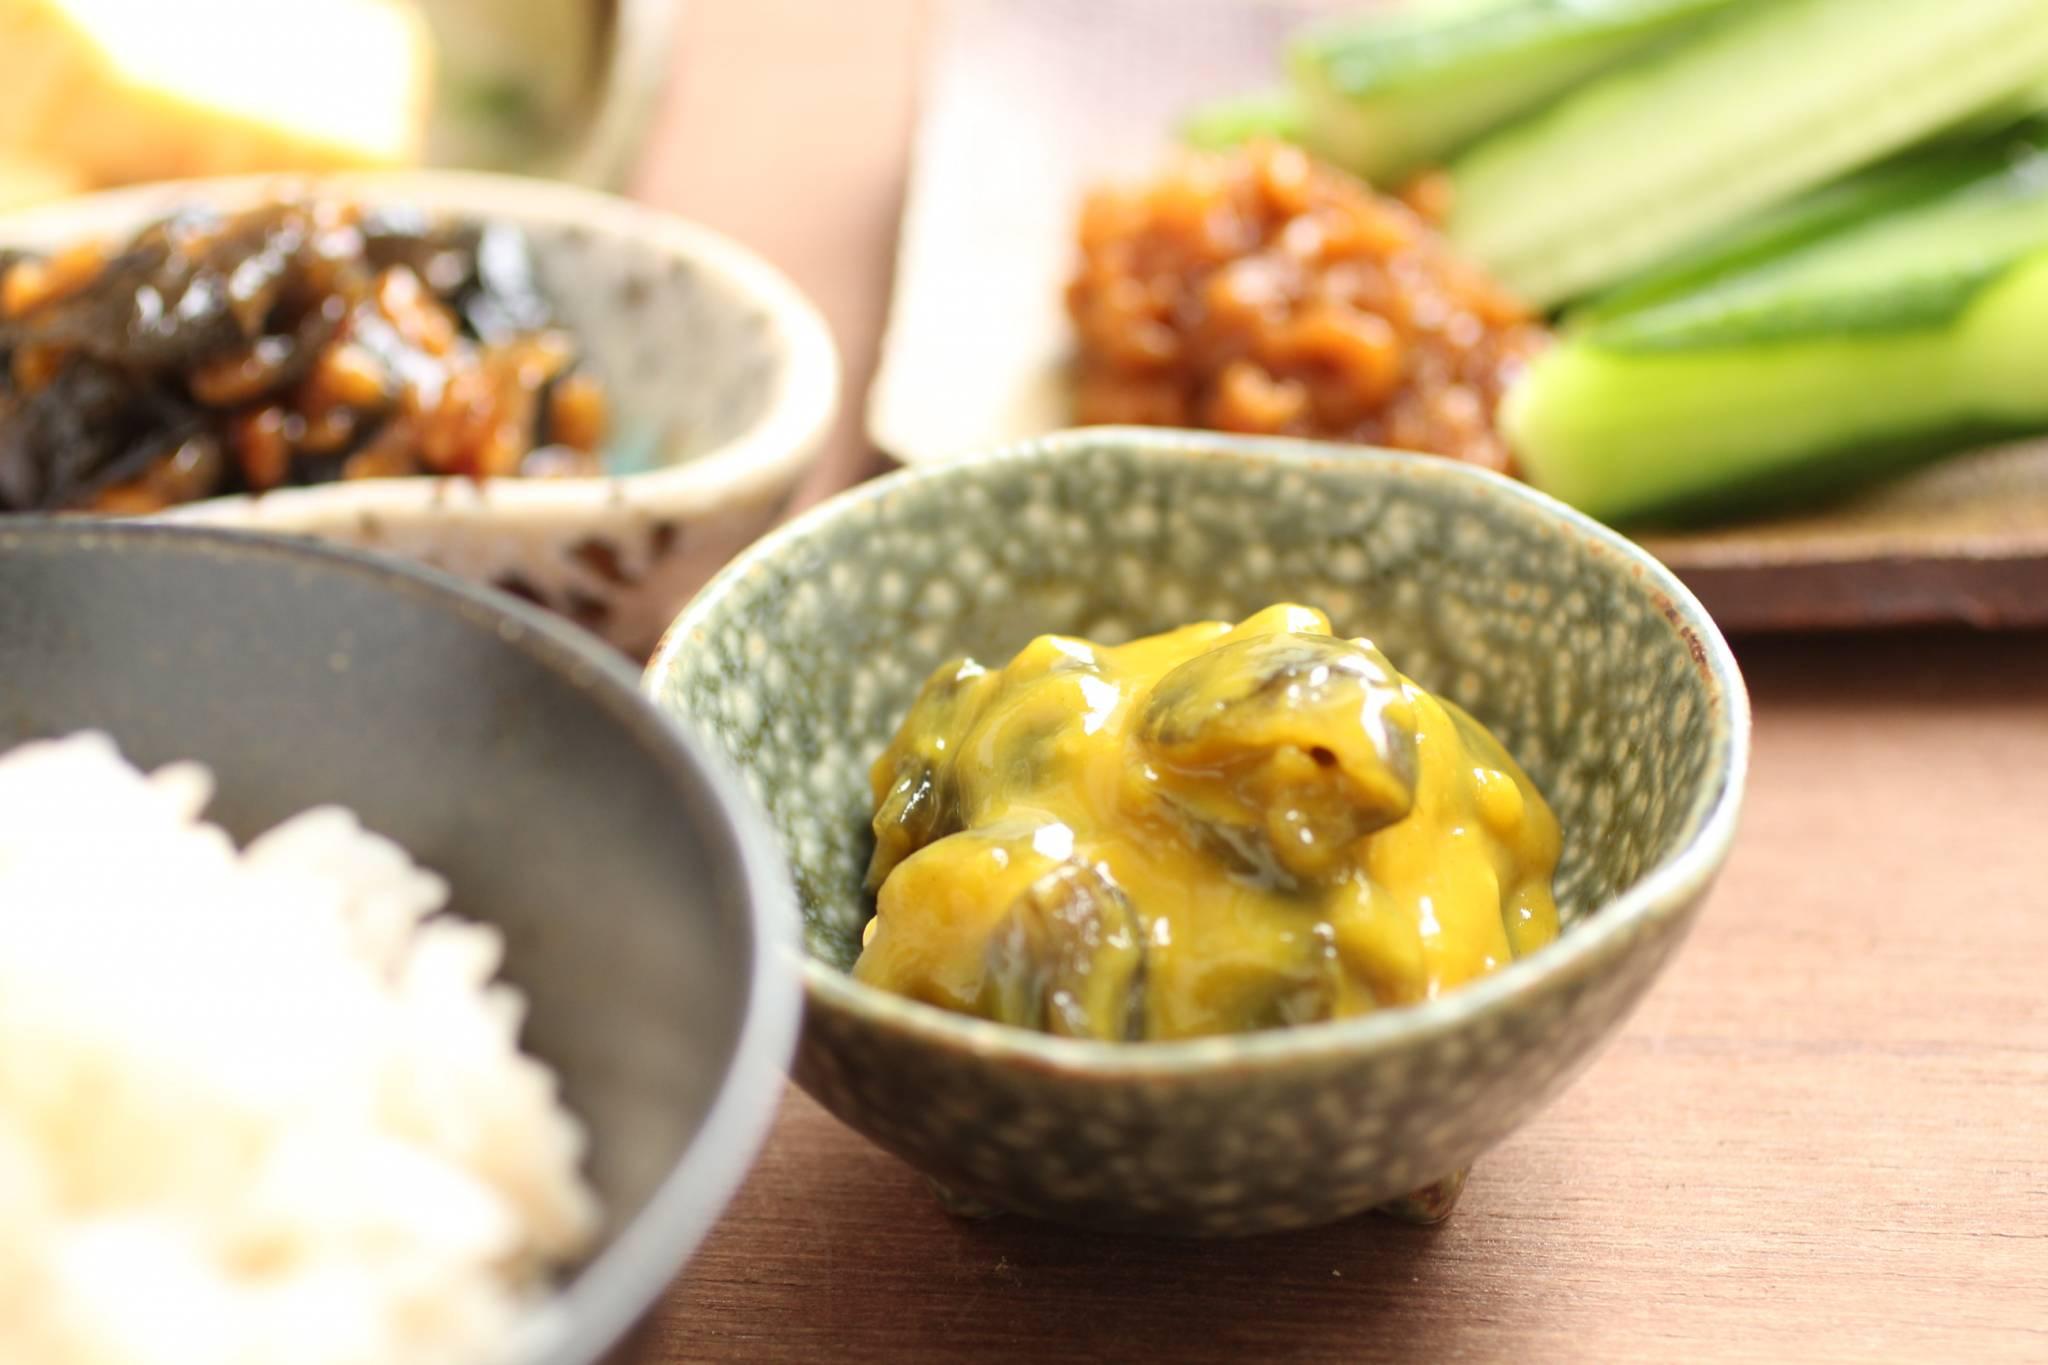 無添加の甘酒・特選もろみ茄子・米糀金山寺みそに使用されている麹について…